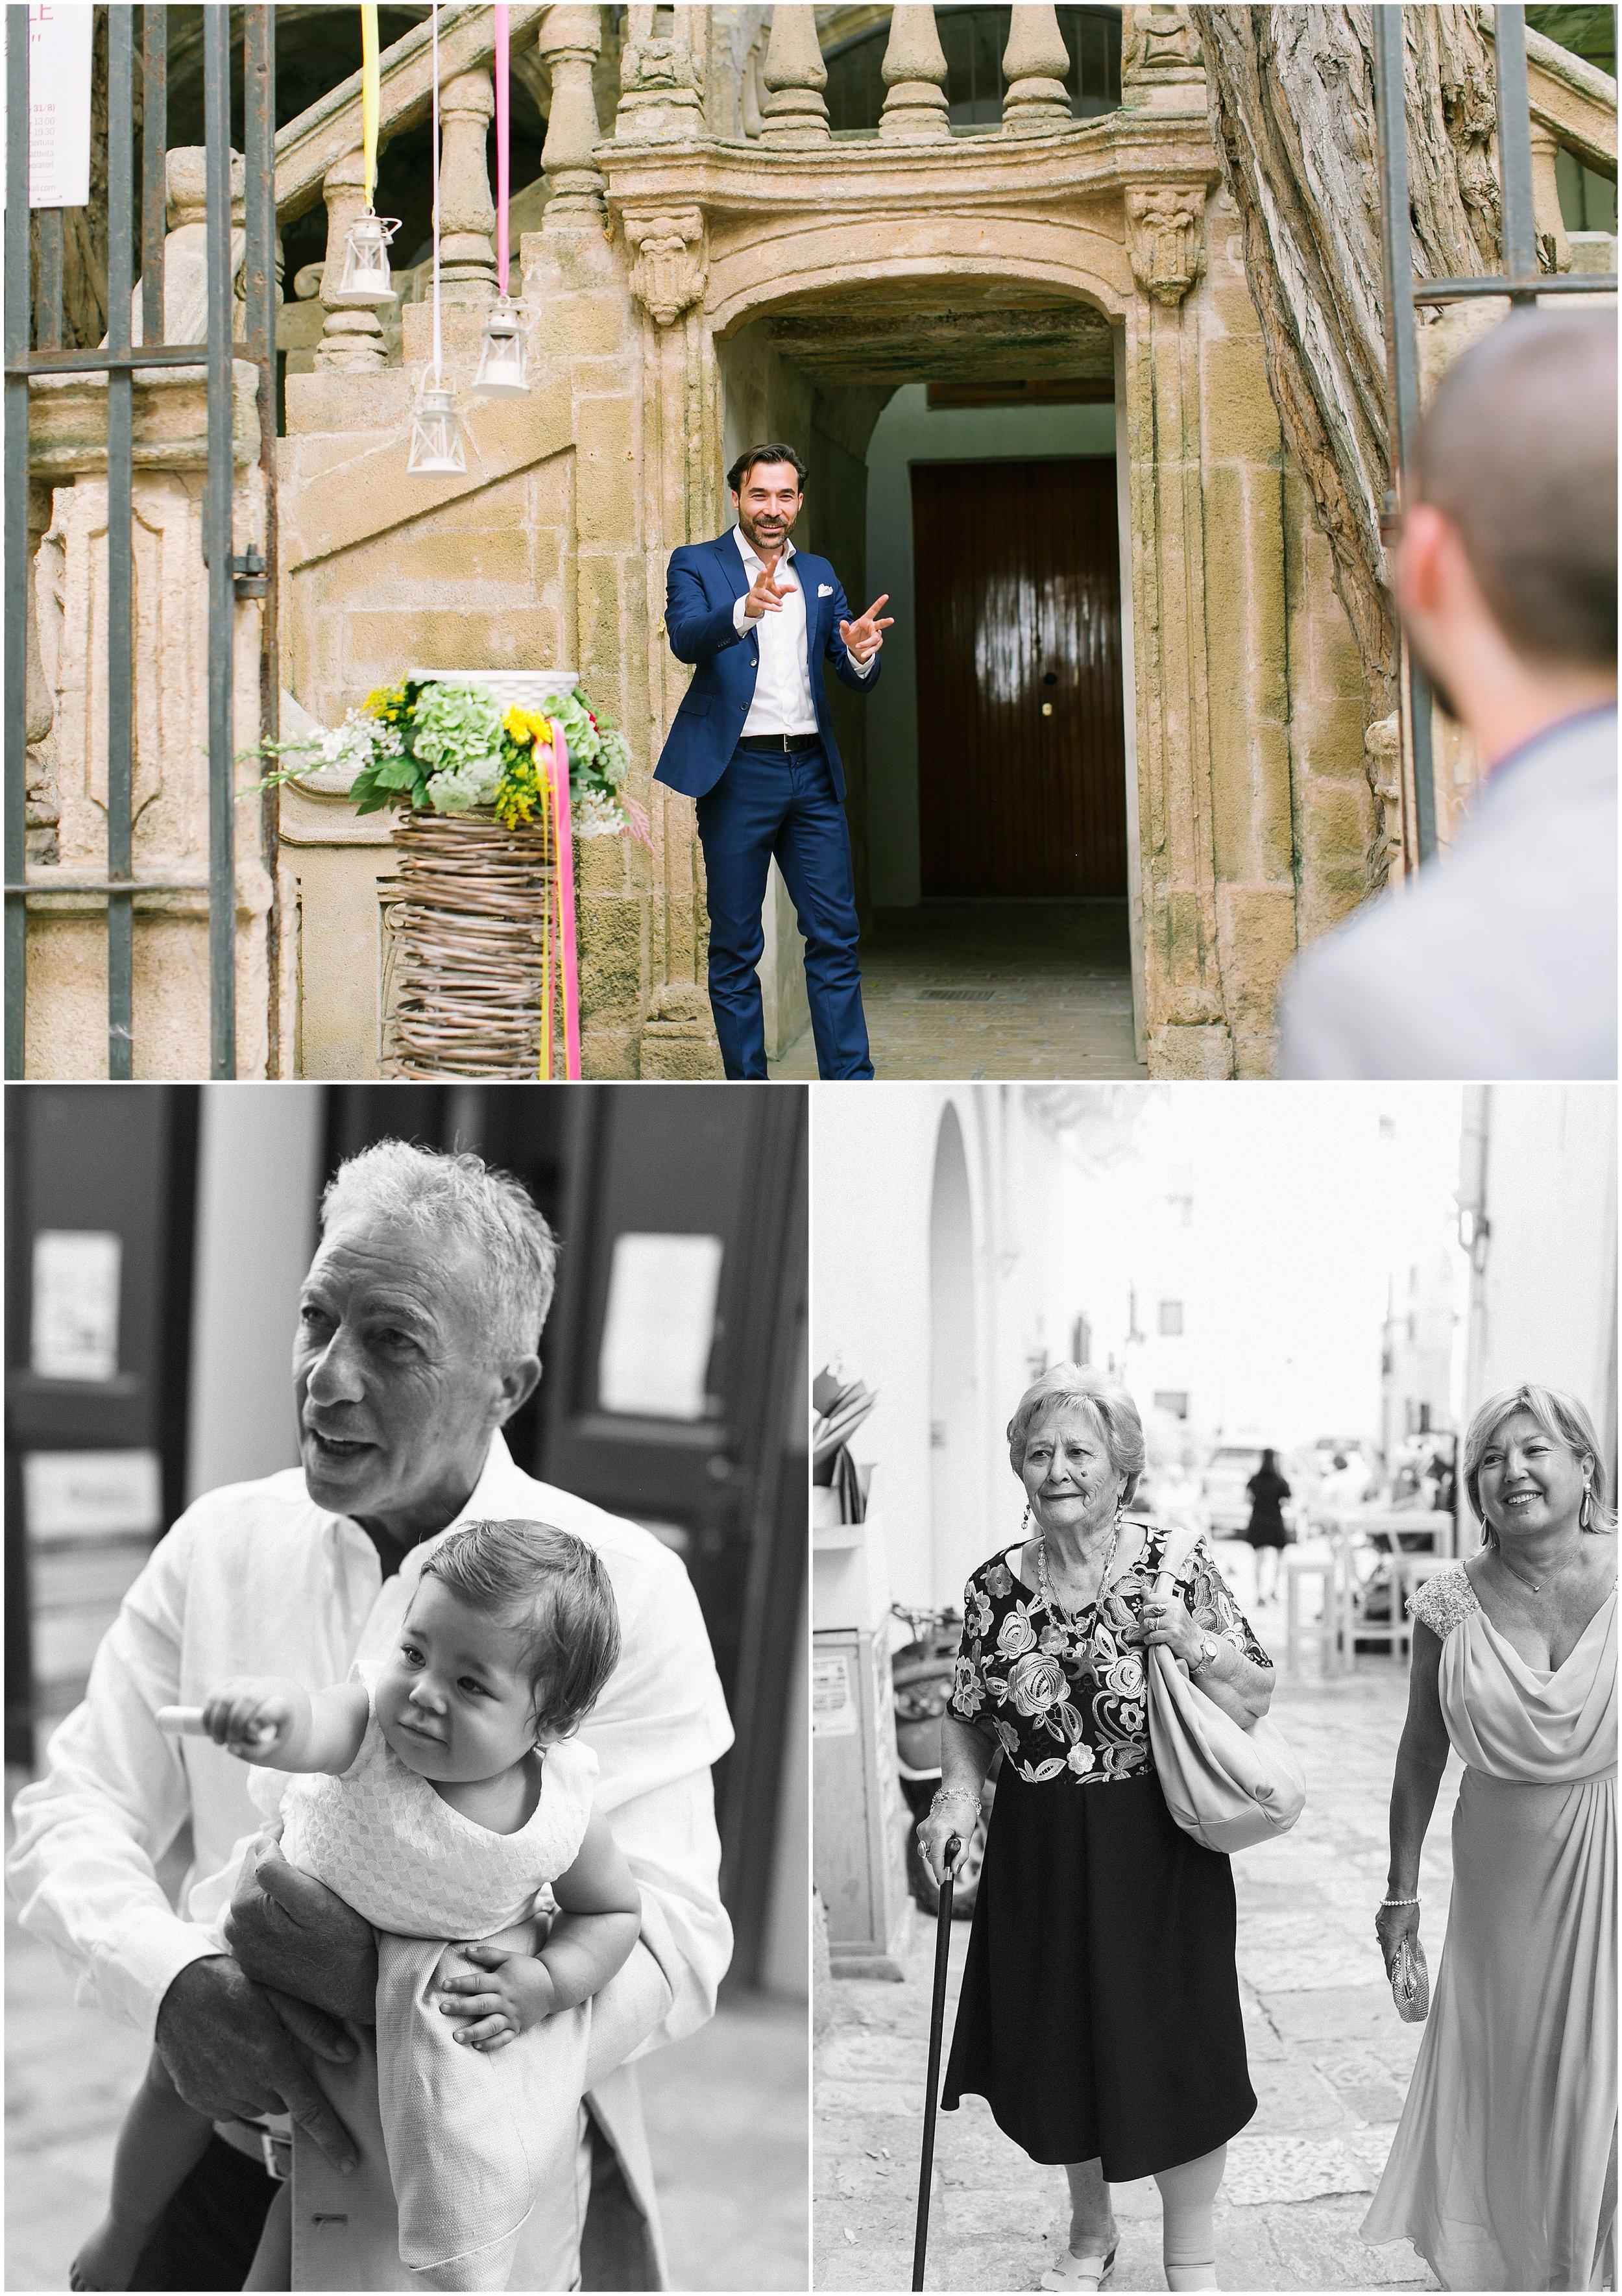 Alea Lovely Destination Wedding Photographer Italy_0011.jpg